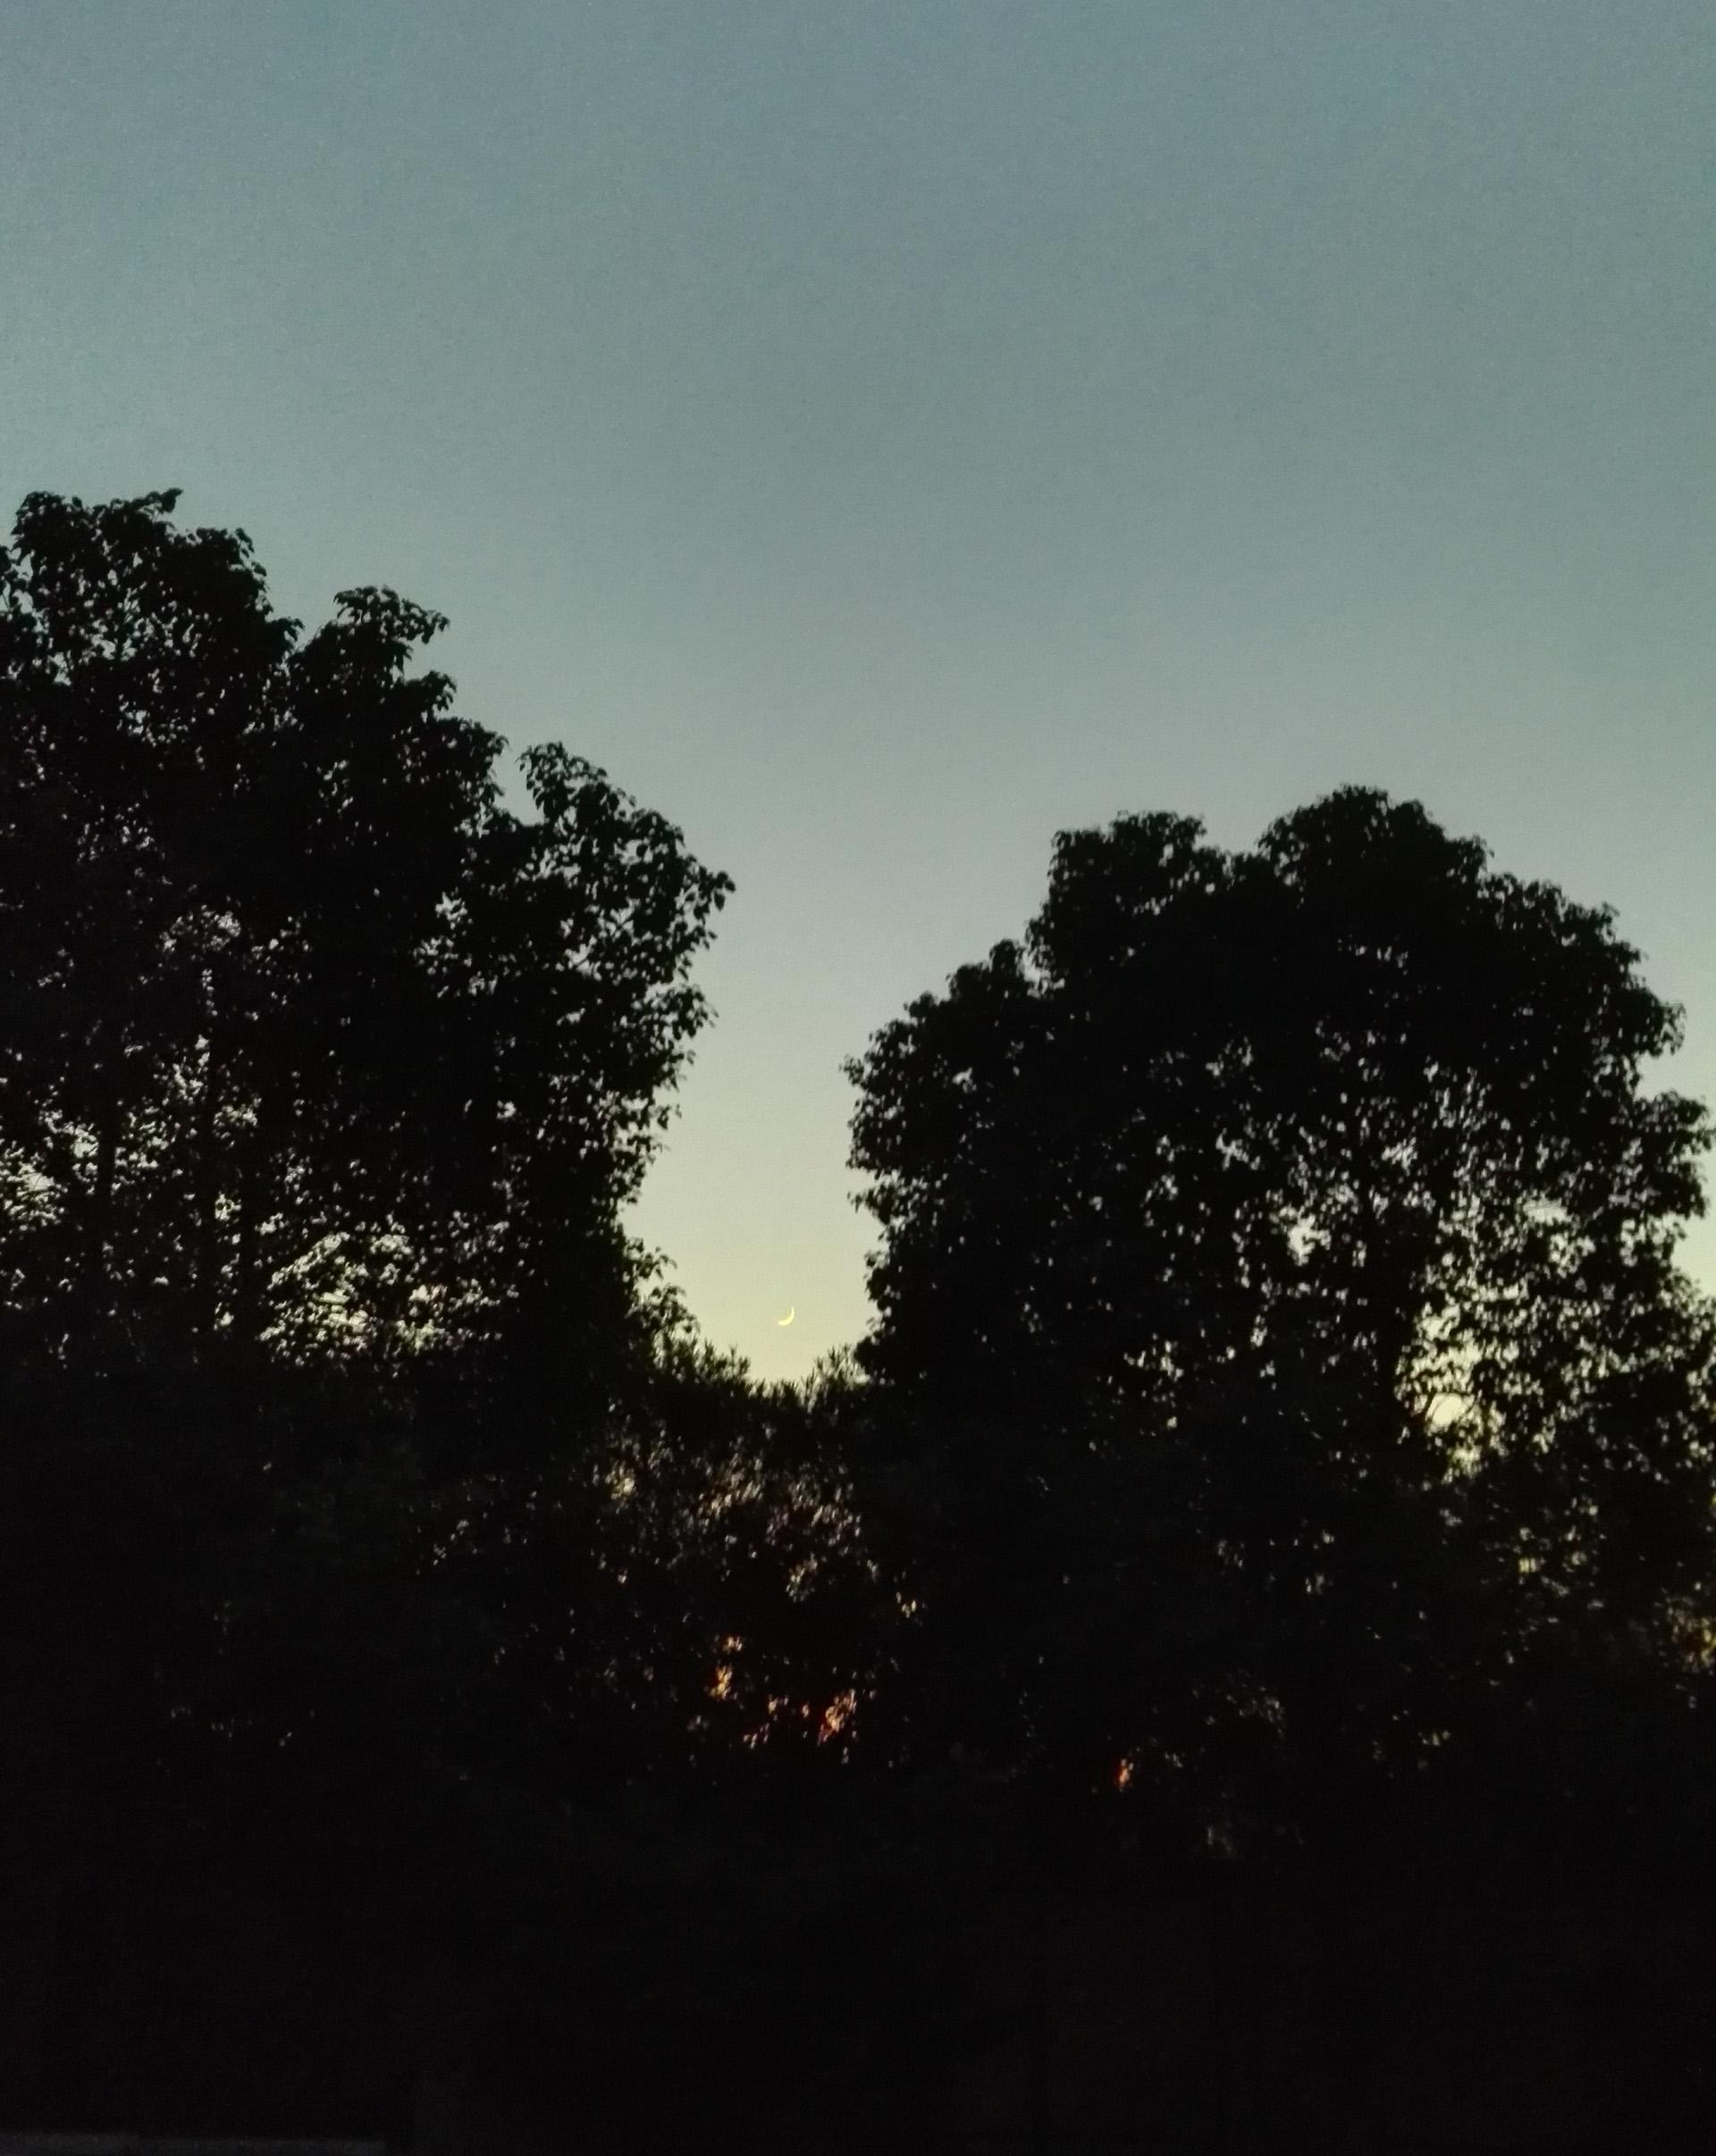 太仓秋月凄景正悄悄的爬上来-渔家傲·挂怀配图